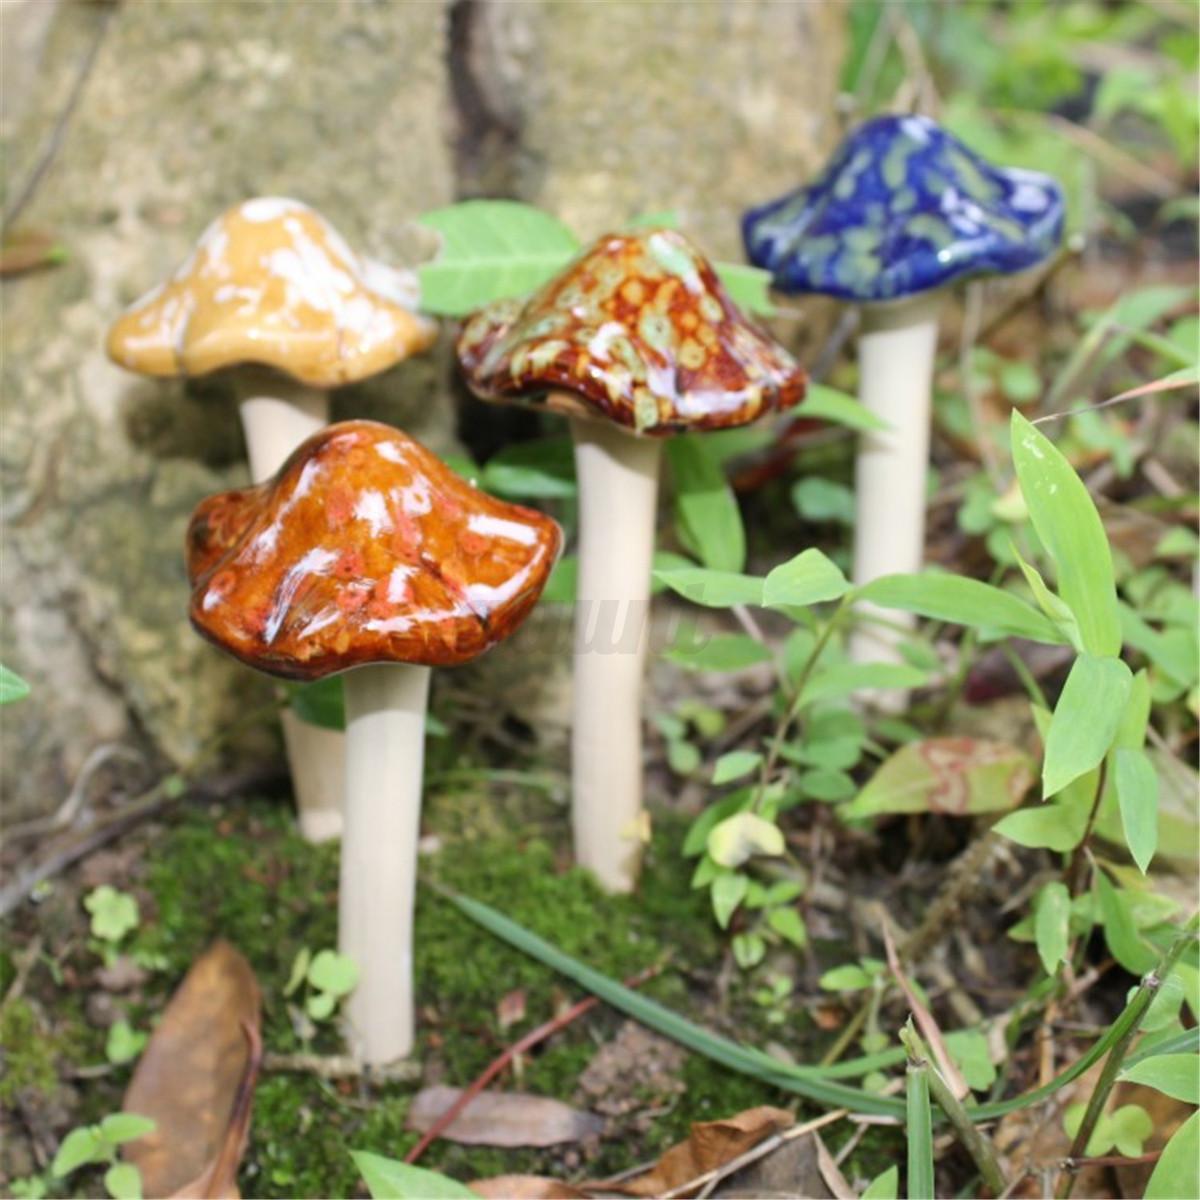 4 Pcs Cute Ceramic Pottery Mushroom Model Statues Ornament Yard ...